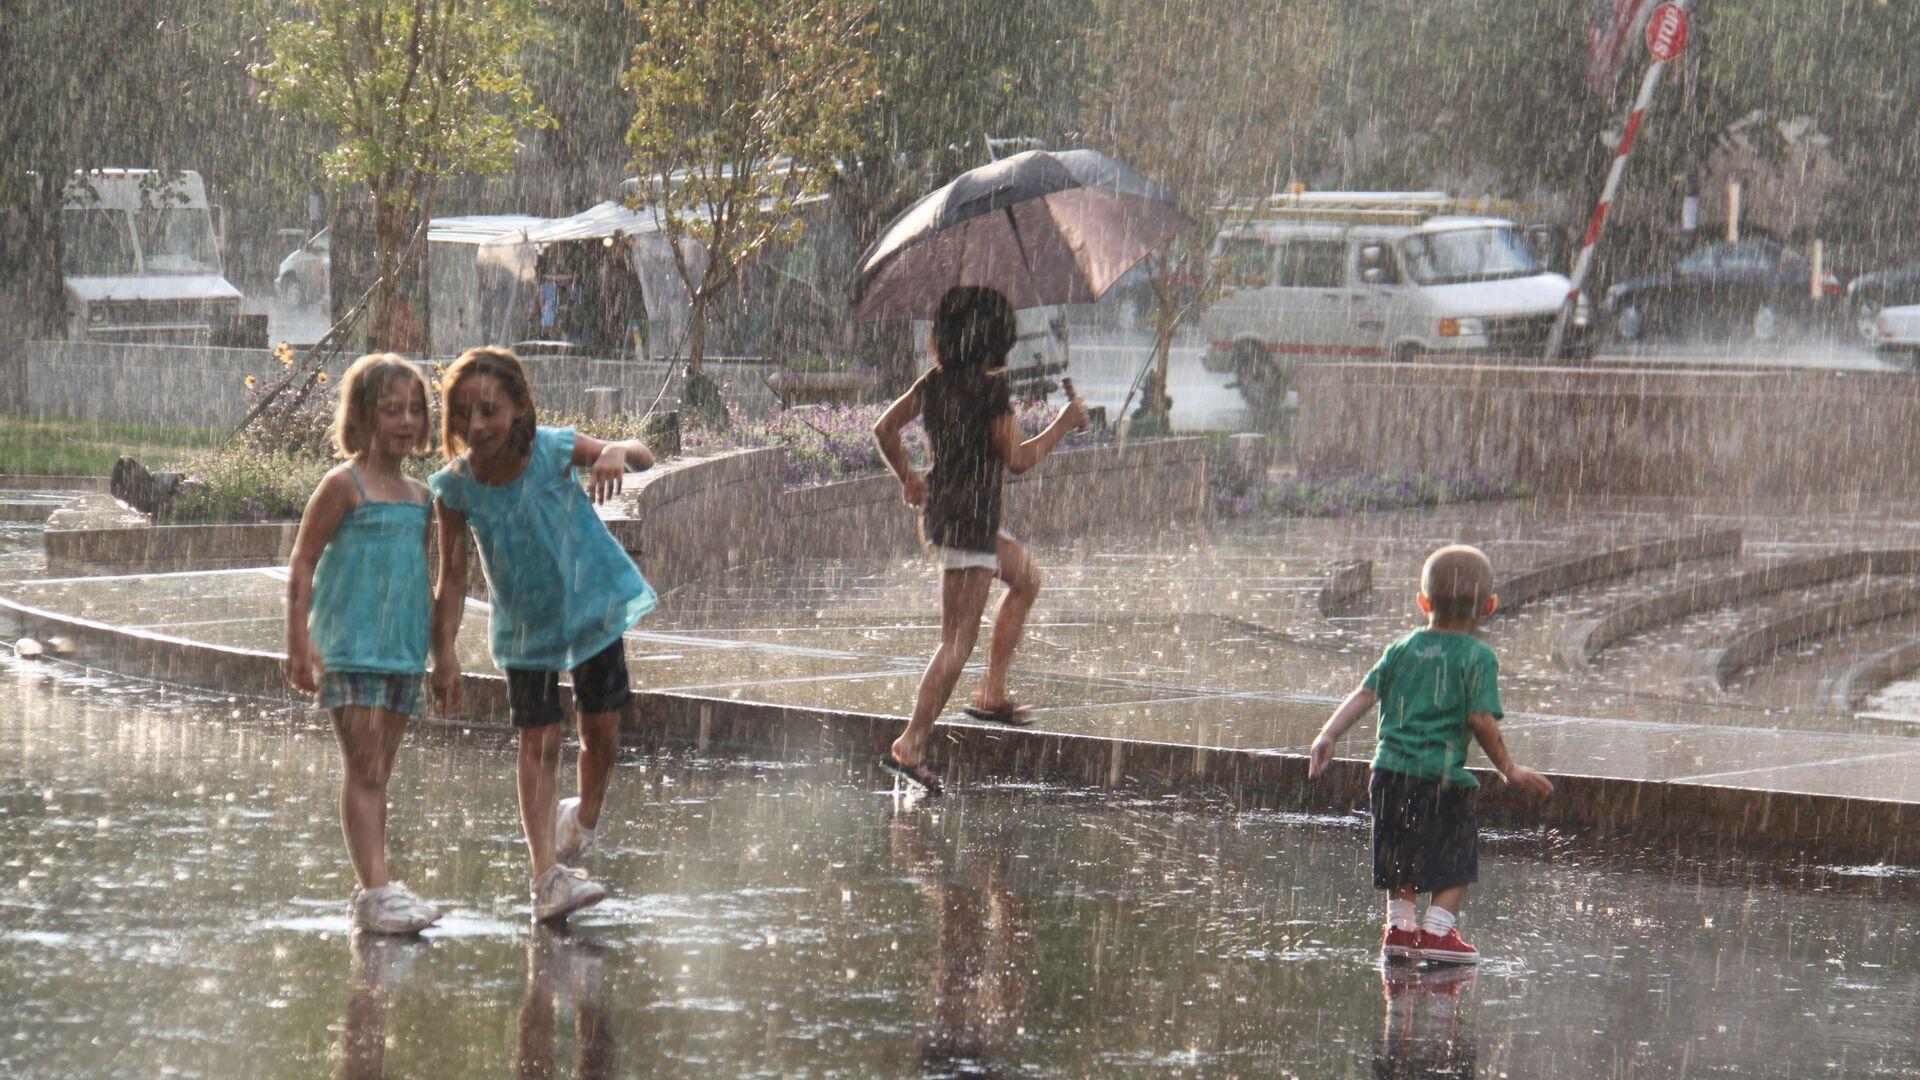 Дети играют под дождем, архивное фото - Sputnik Тоҷикистон, 1920, 06.07.2021